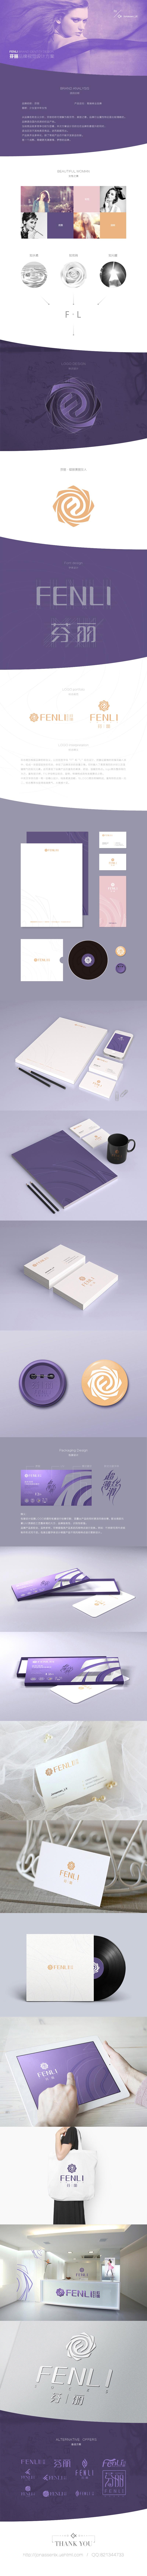 芬丽品牌视觉设计图0